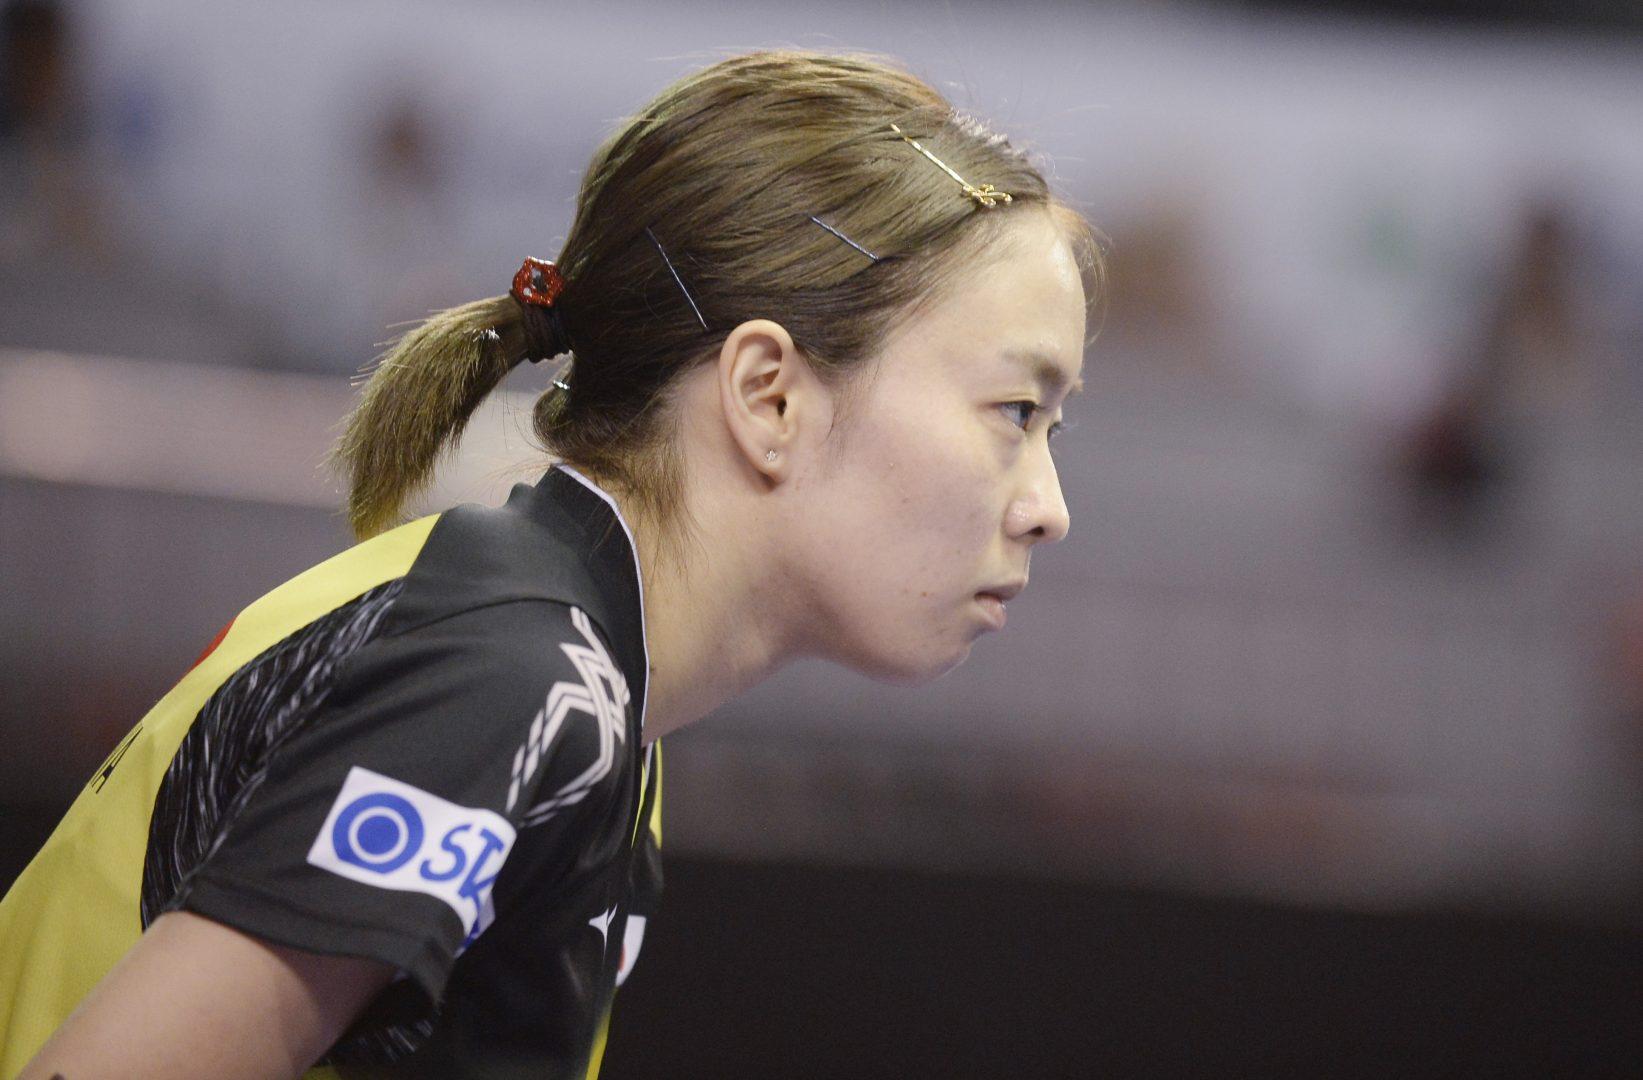 【最新版】卓球・世界ランキングの決め方は? 規定が2020年を目前に改定、そのポイントとは